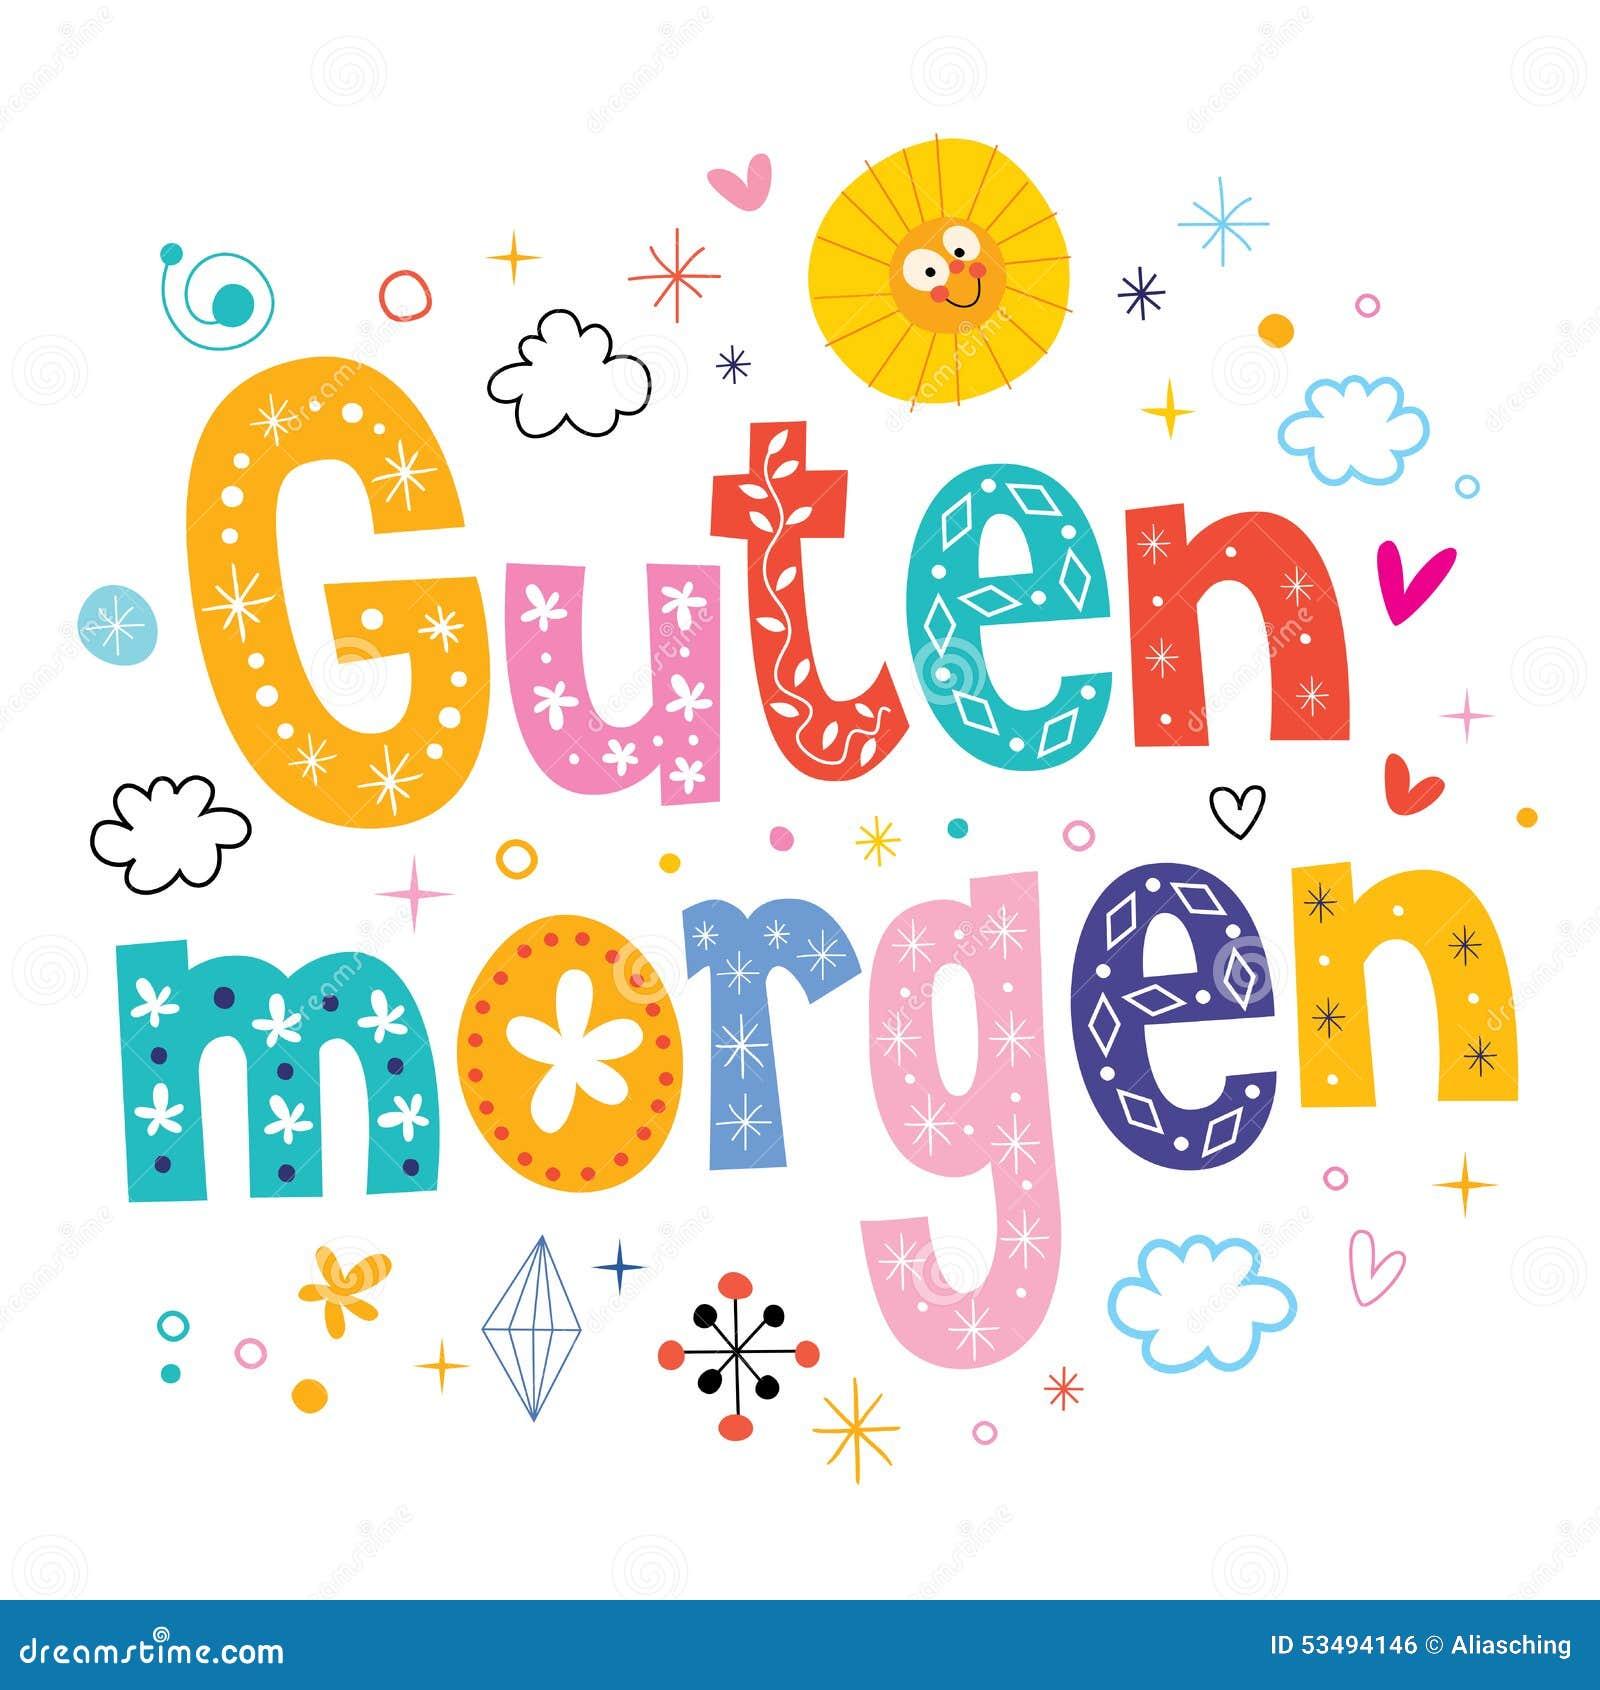 Guten Morgen Good Morning Buenos Dias Lied : Guten morgen good morning in german stock vector